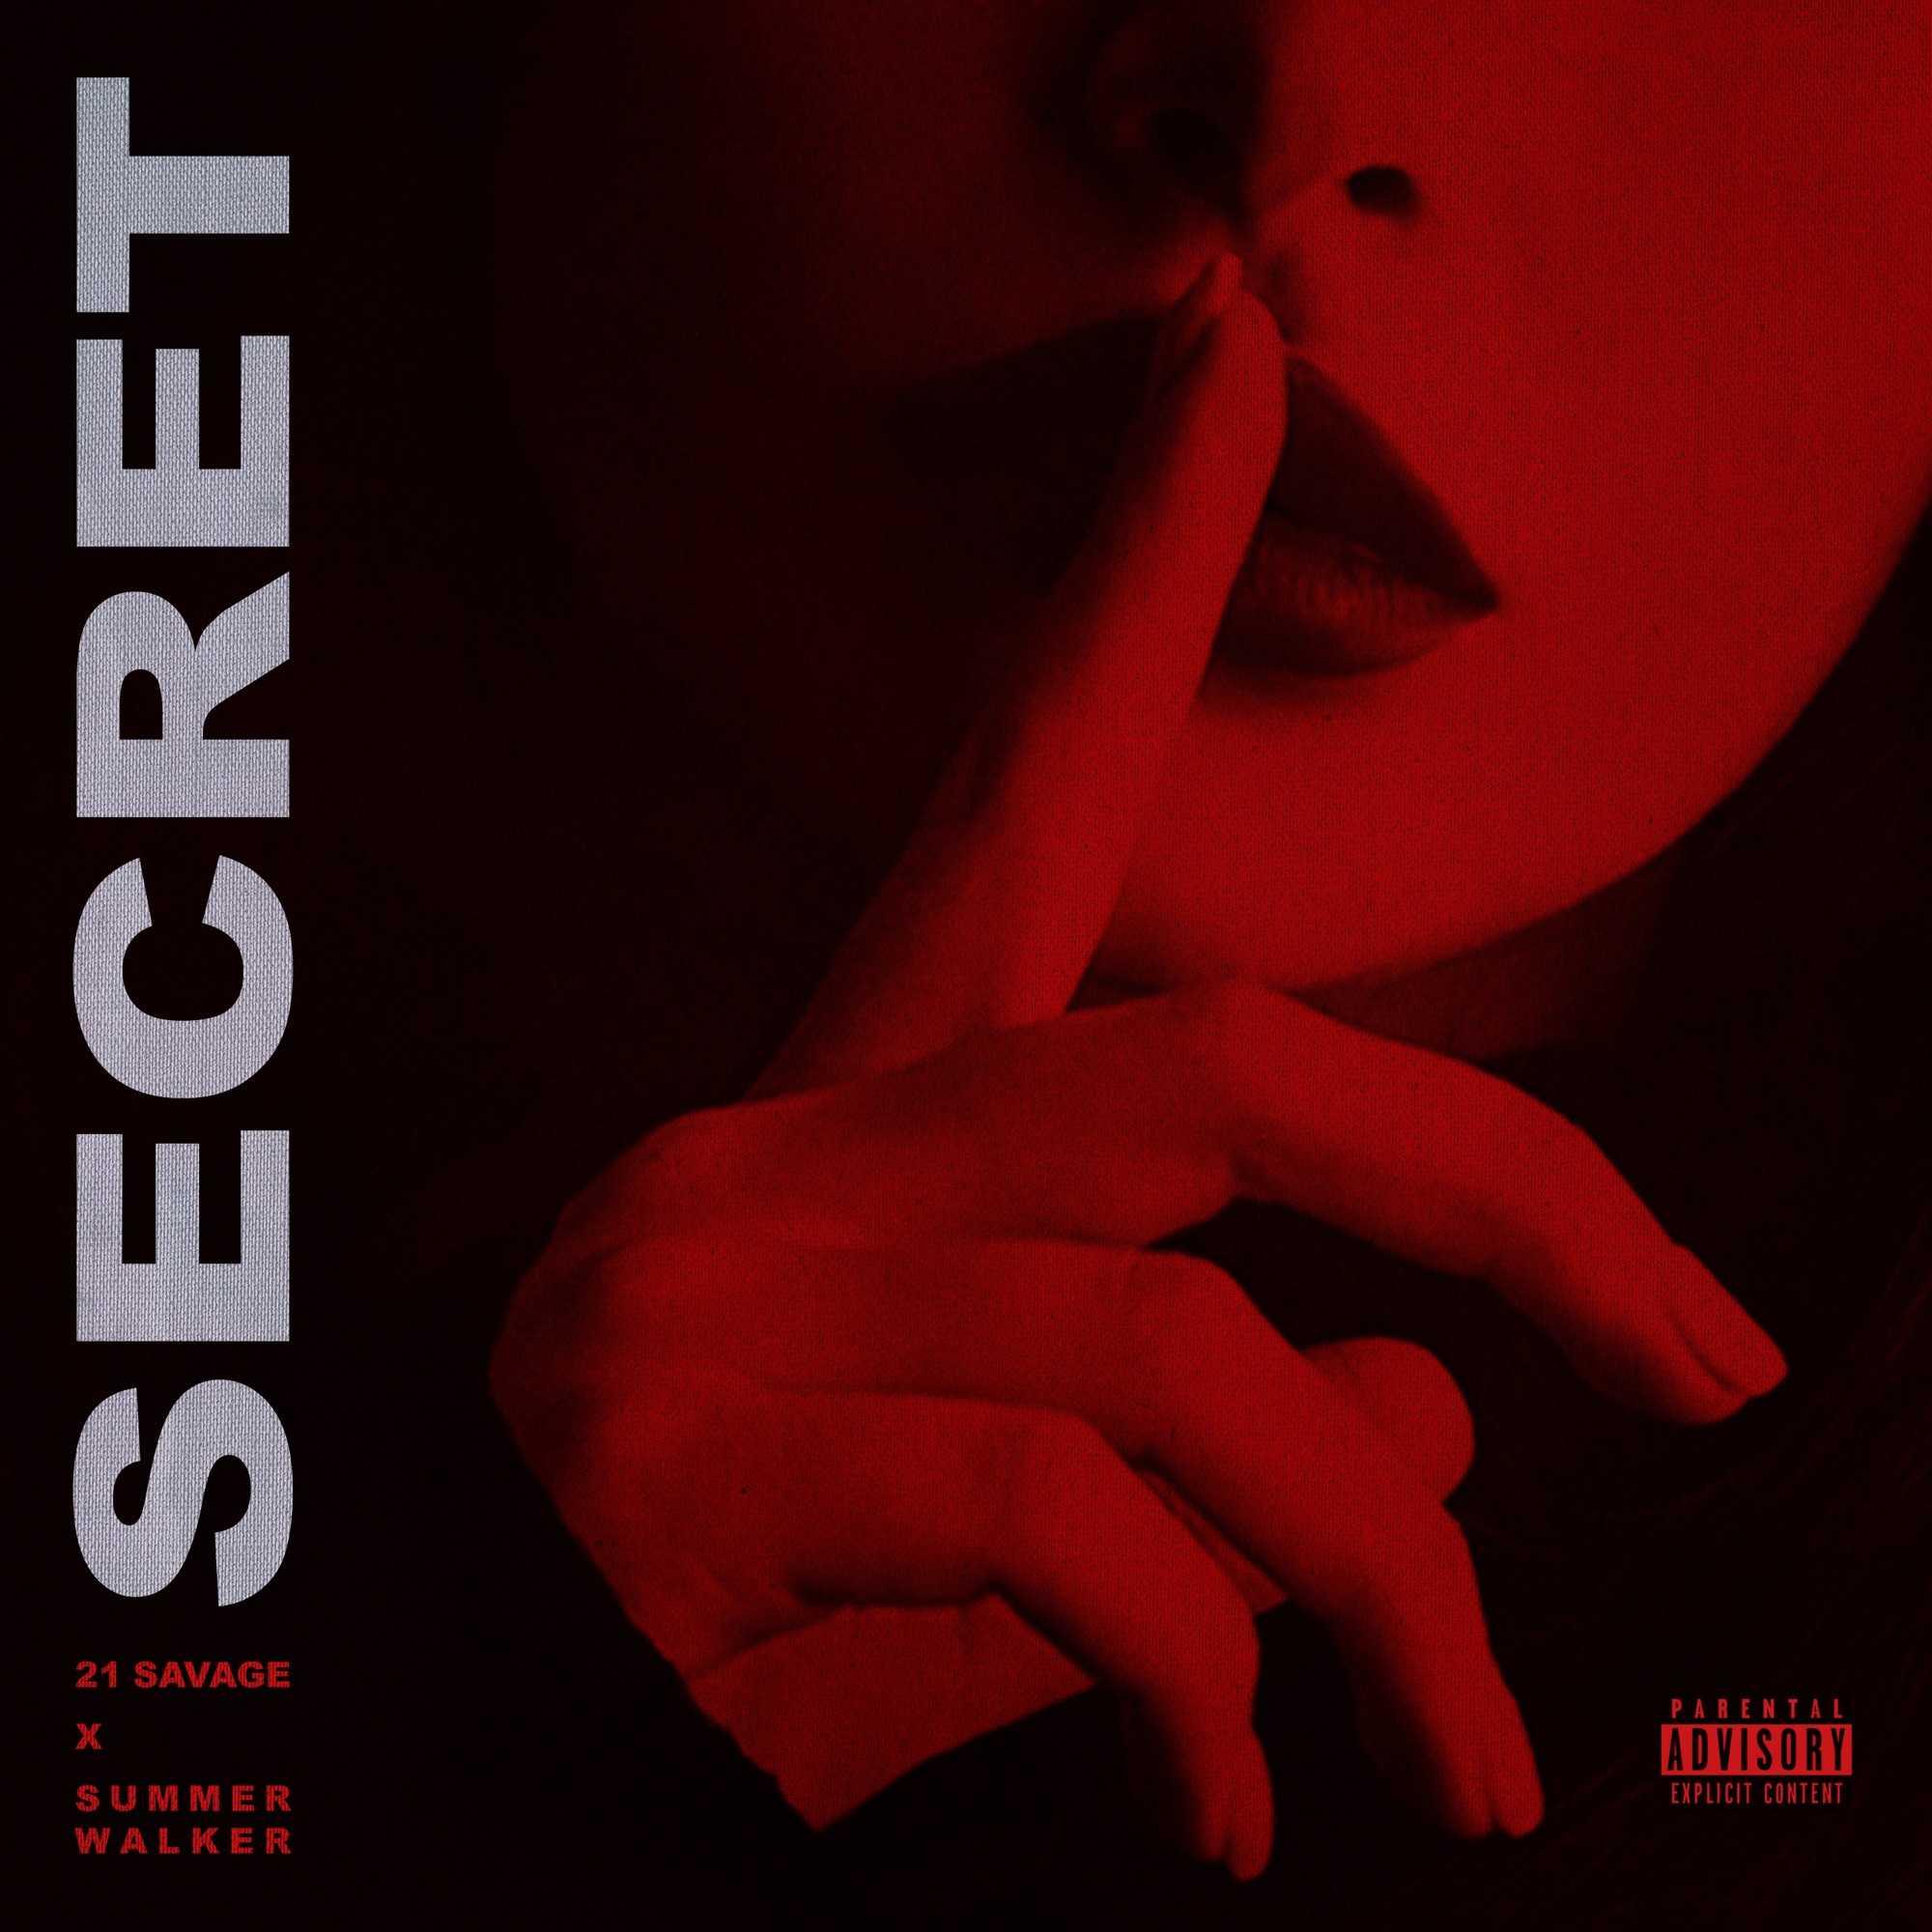 21 Savage Ft. Summer Walker - Secret